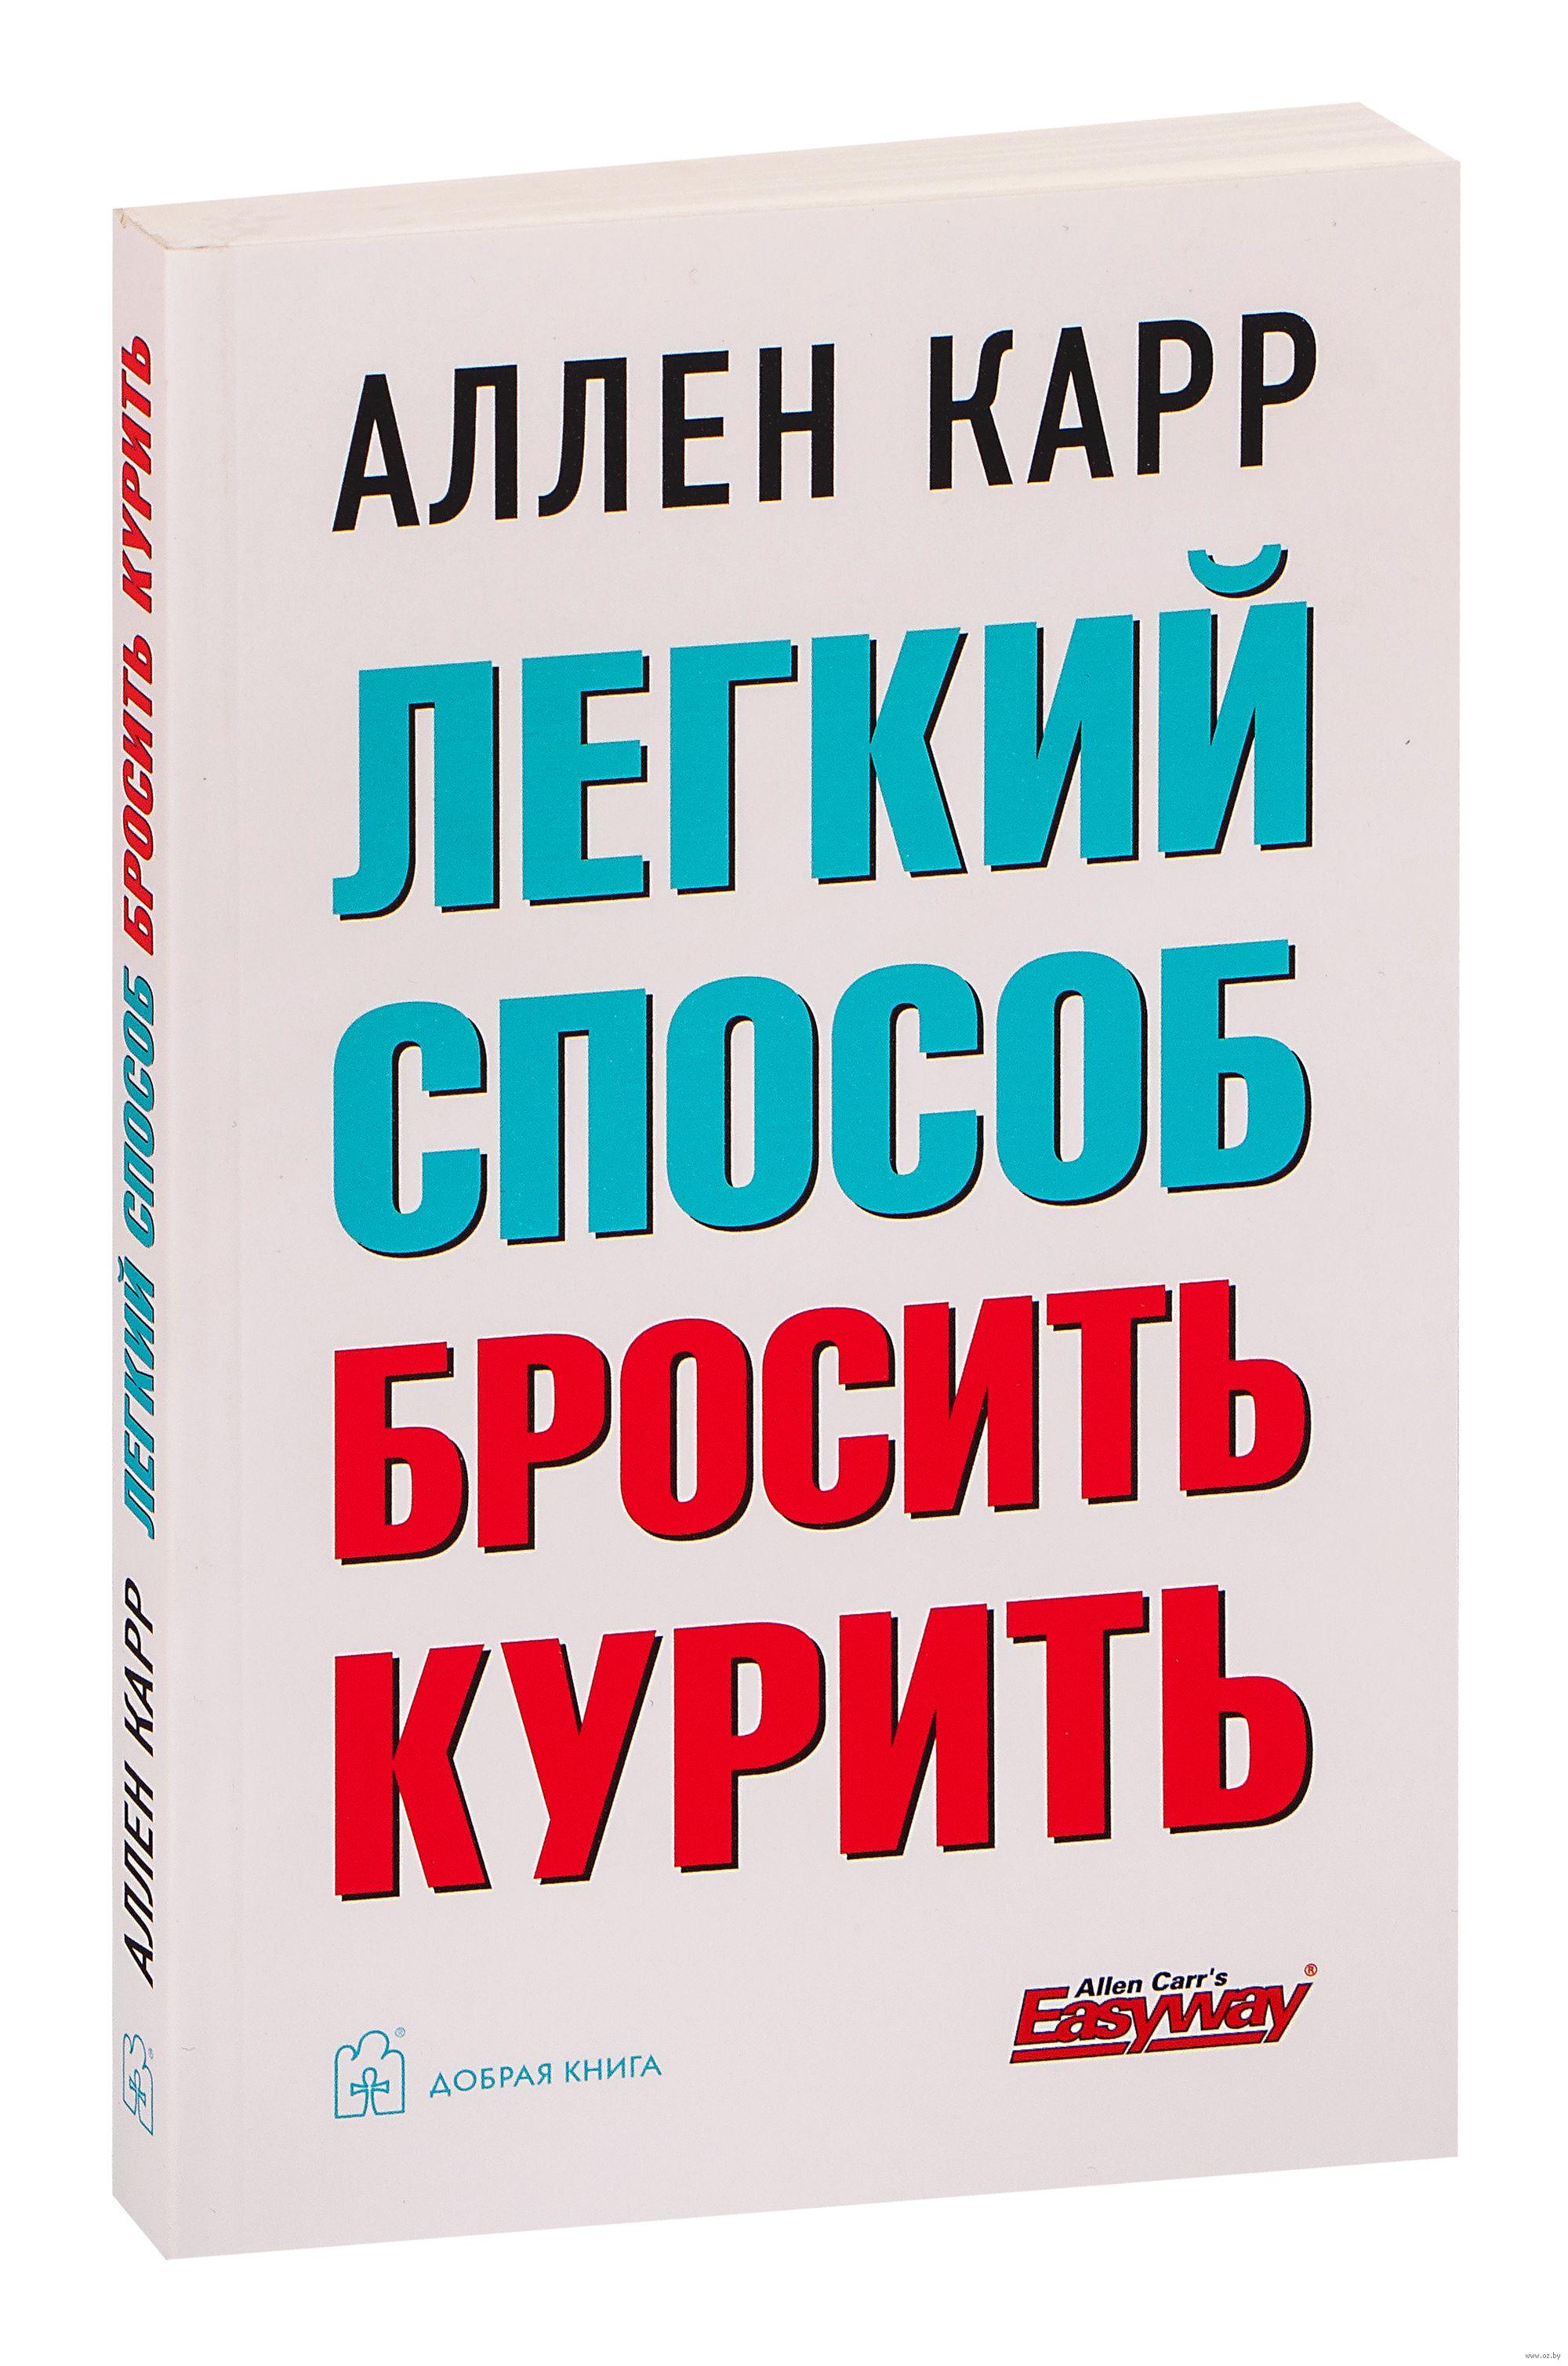 Заказать сигареты от курения заказать сигареты челябинск на дом